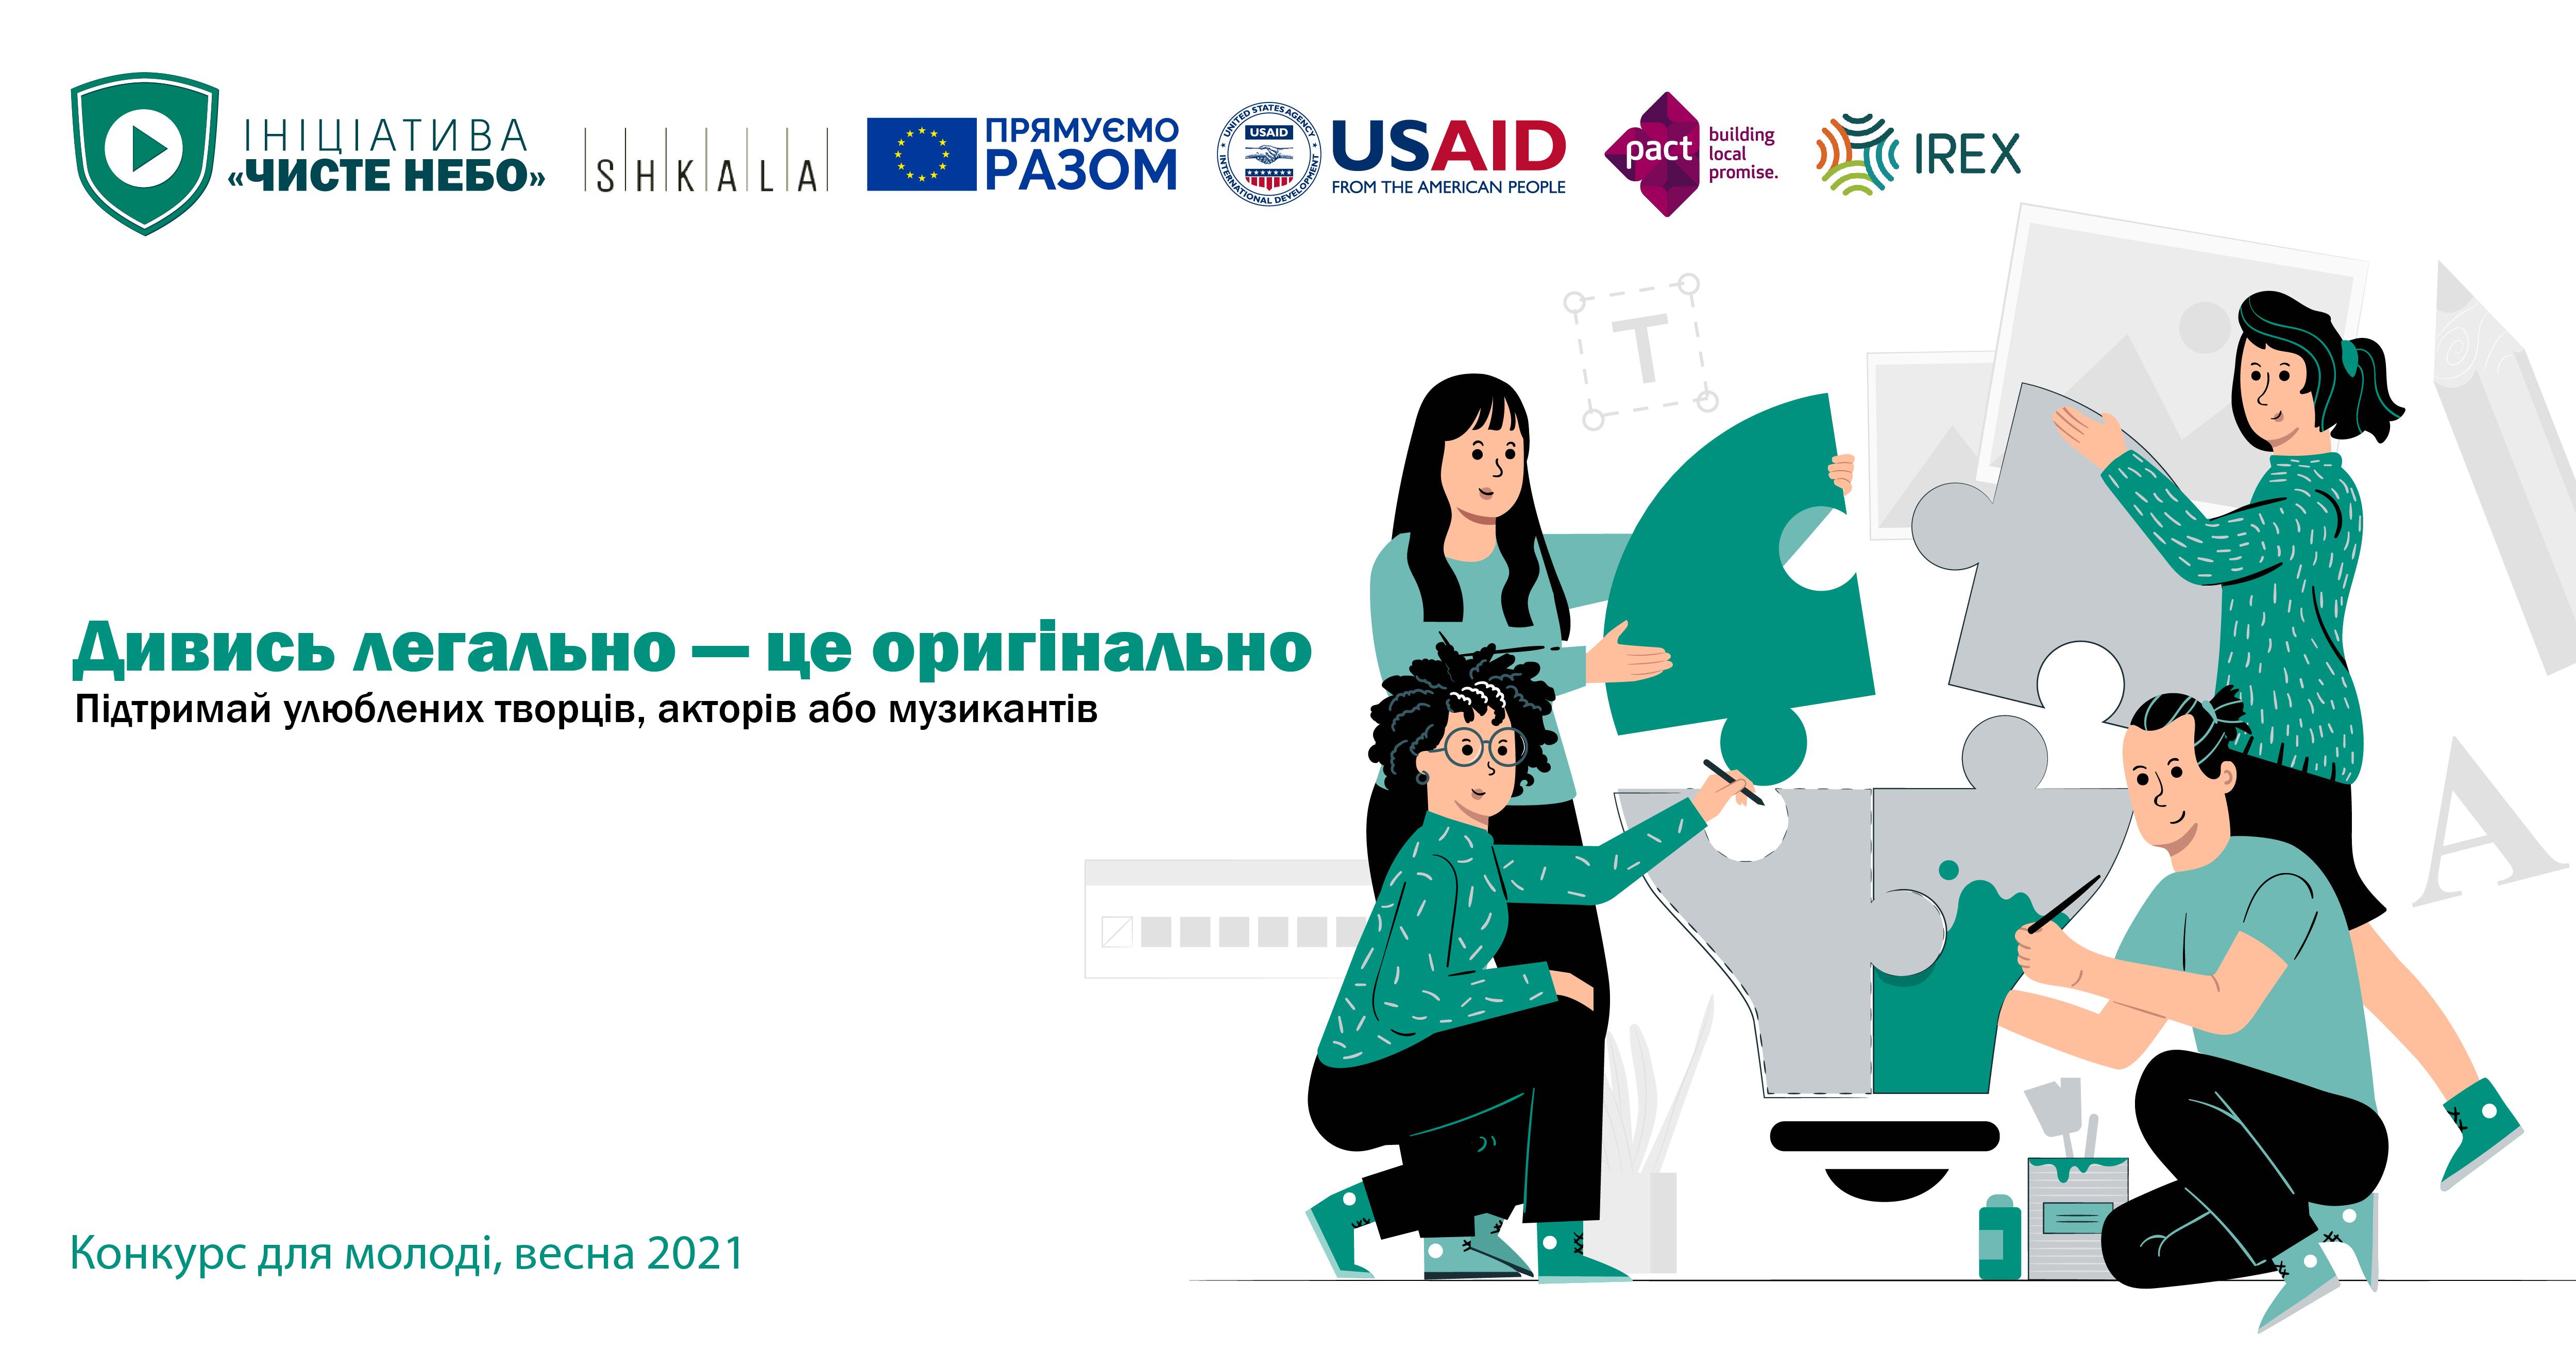 Майбутні покоління без піратства: Ініціатива Чисте небо оголосила всеукраїнський конкурс для молоді